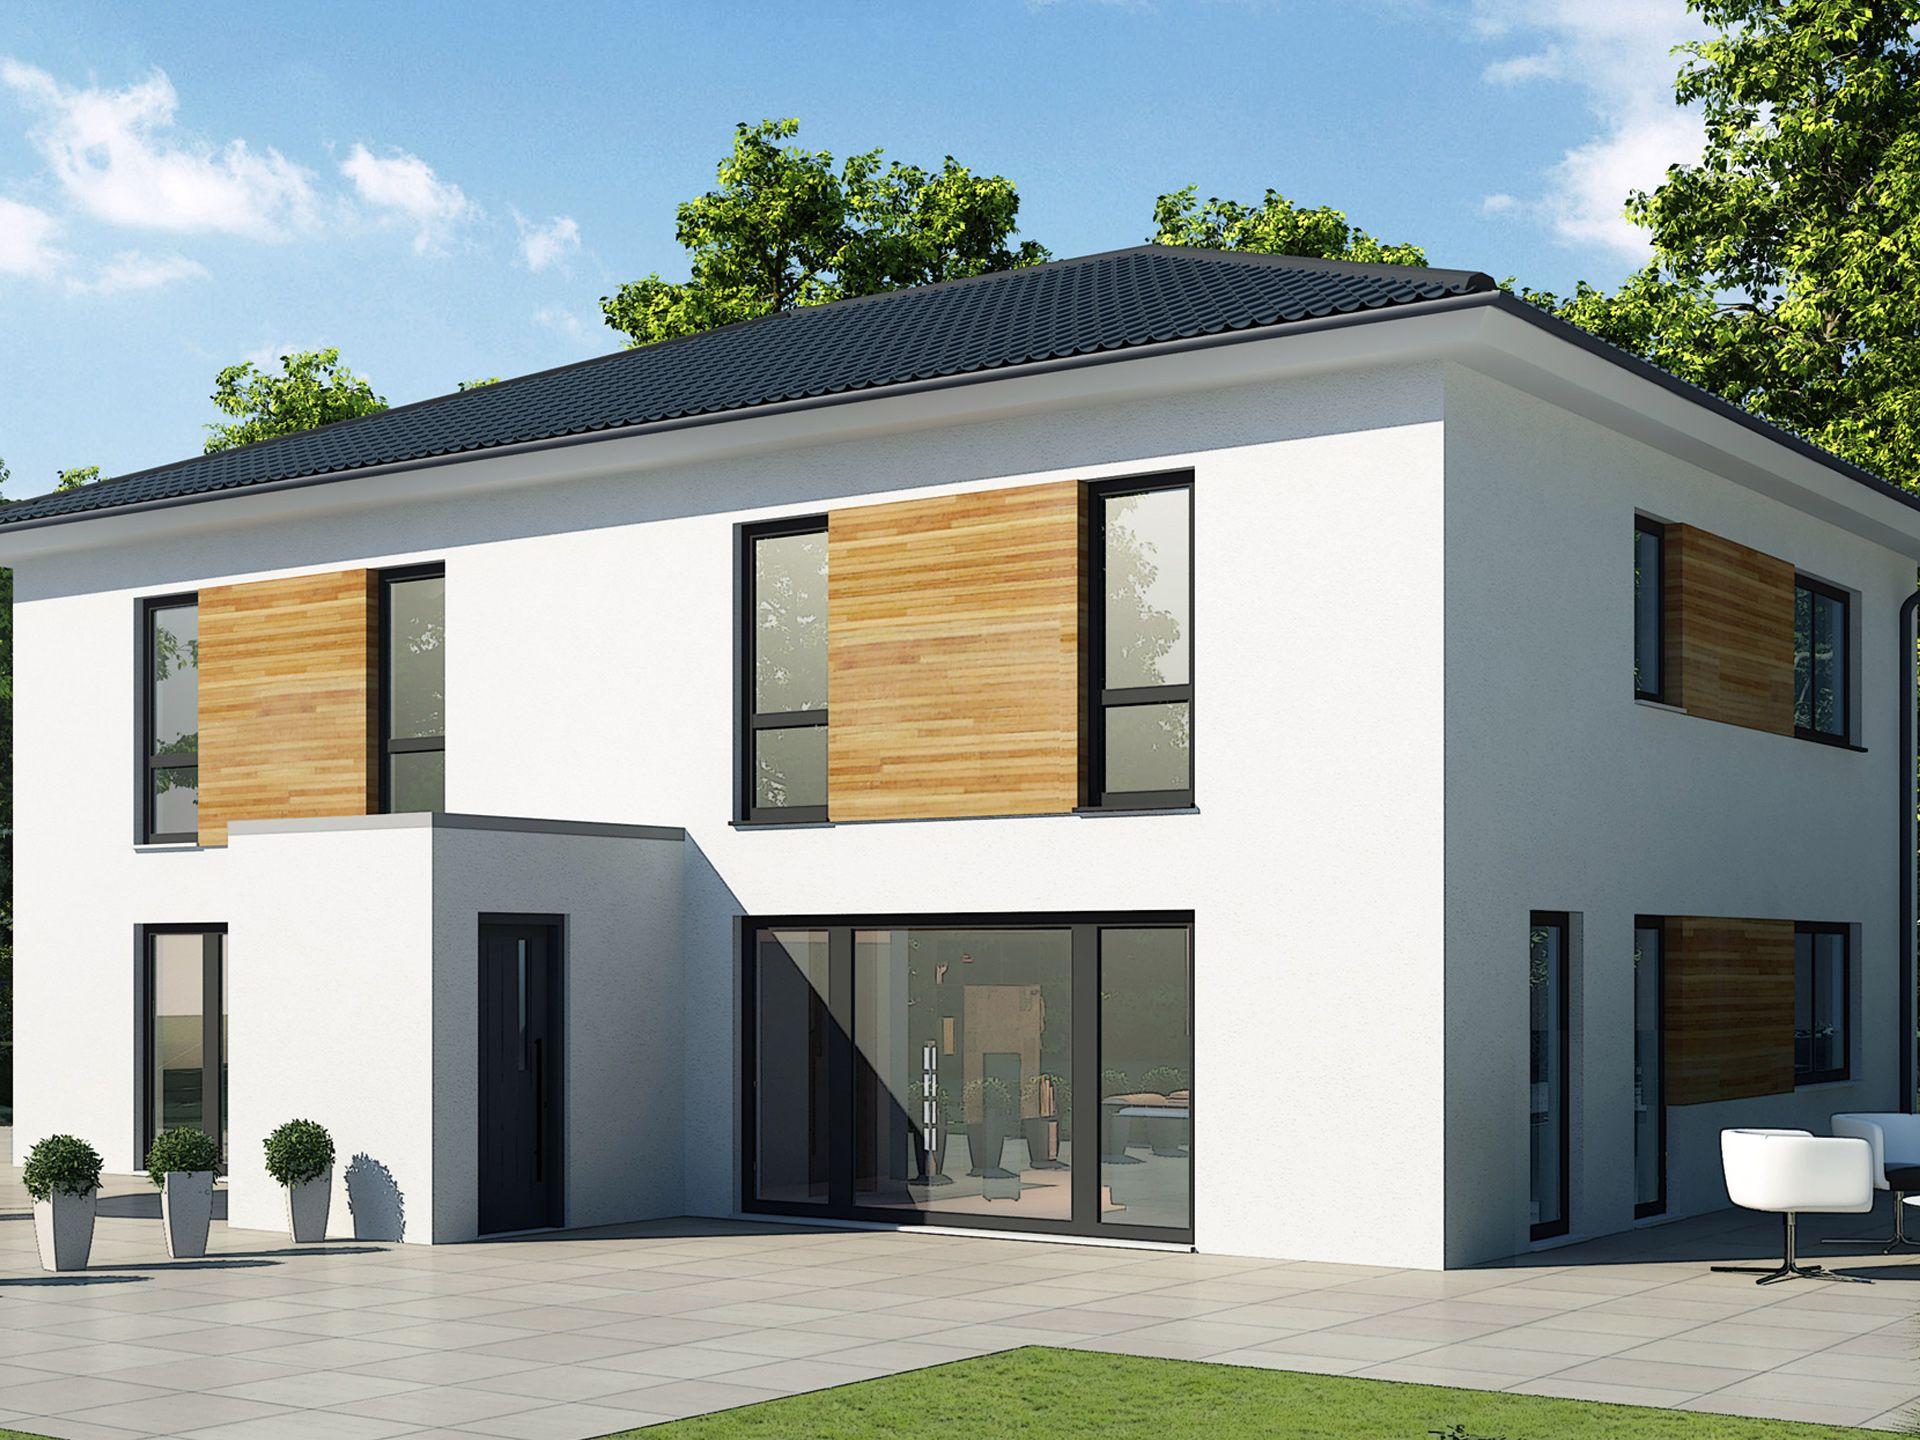 Musterhaus modern walmdach  Doppelhaus 110 M • Doppelhaus von Baudirekt • Individuell ...